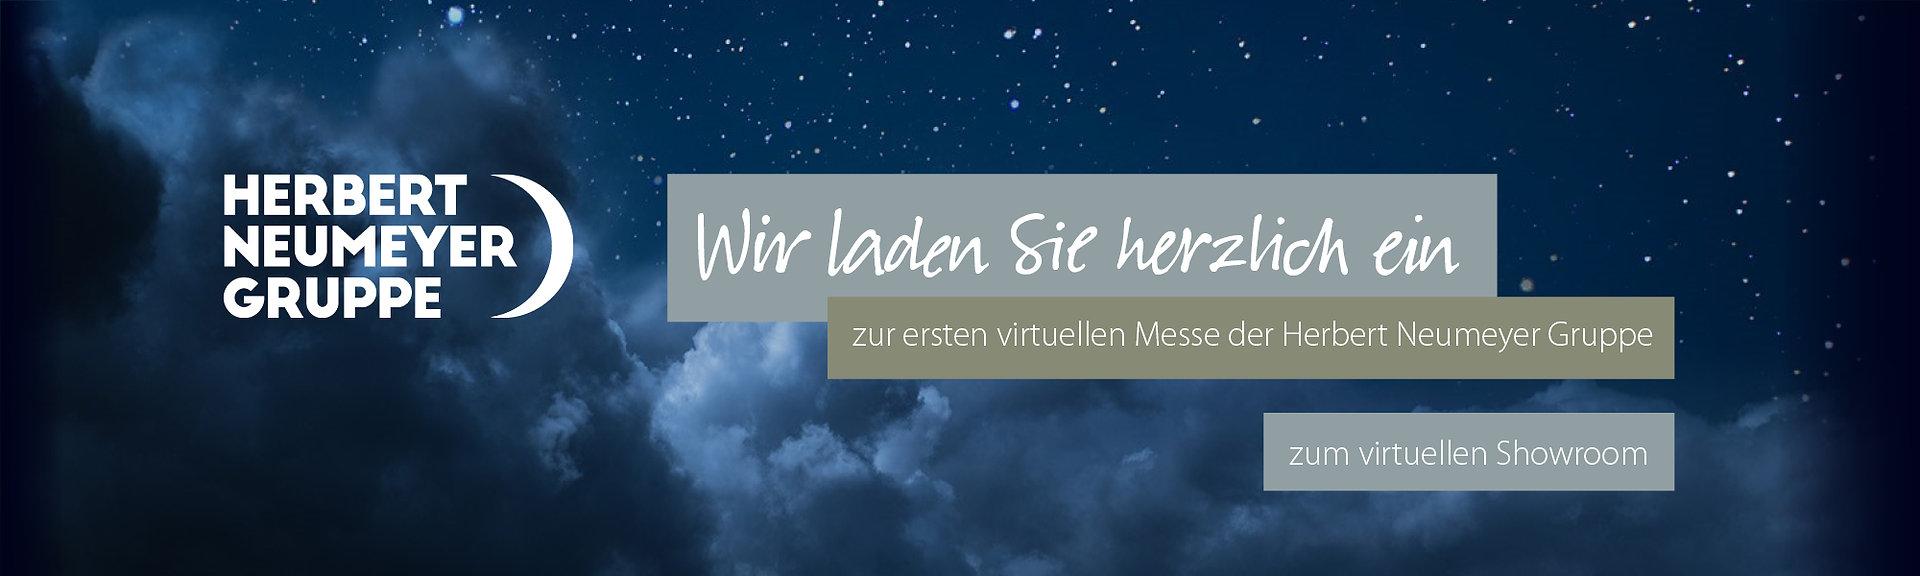 詩肯新品牌「詩肯睡眠SCAN KOMFORT」與德國最大床墊工廠「f.a.n. Frankenstolz」合作,成為Frankenstolz品牌在台獨家總代理,Frankenstolz為100%德國素材製造的正統的德式寢具,以研發貼近消費者需求及人體健康的高科技床墊為主。